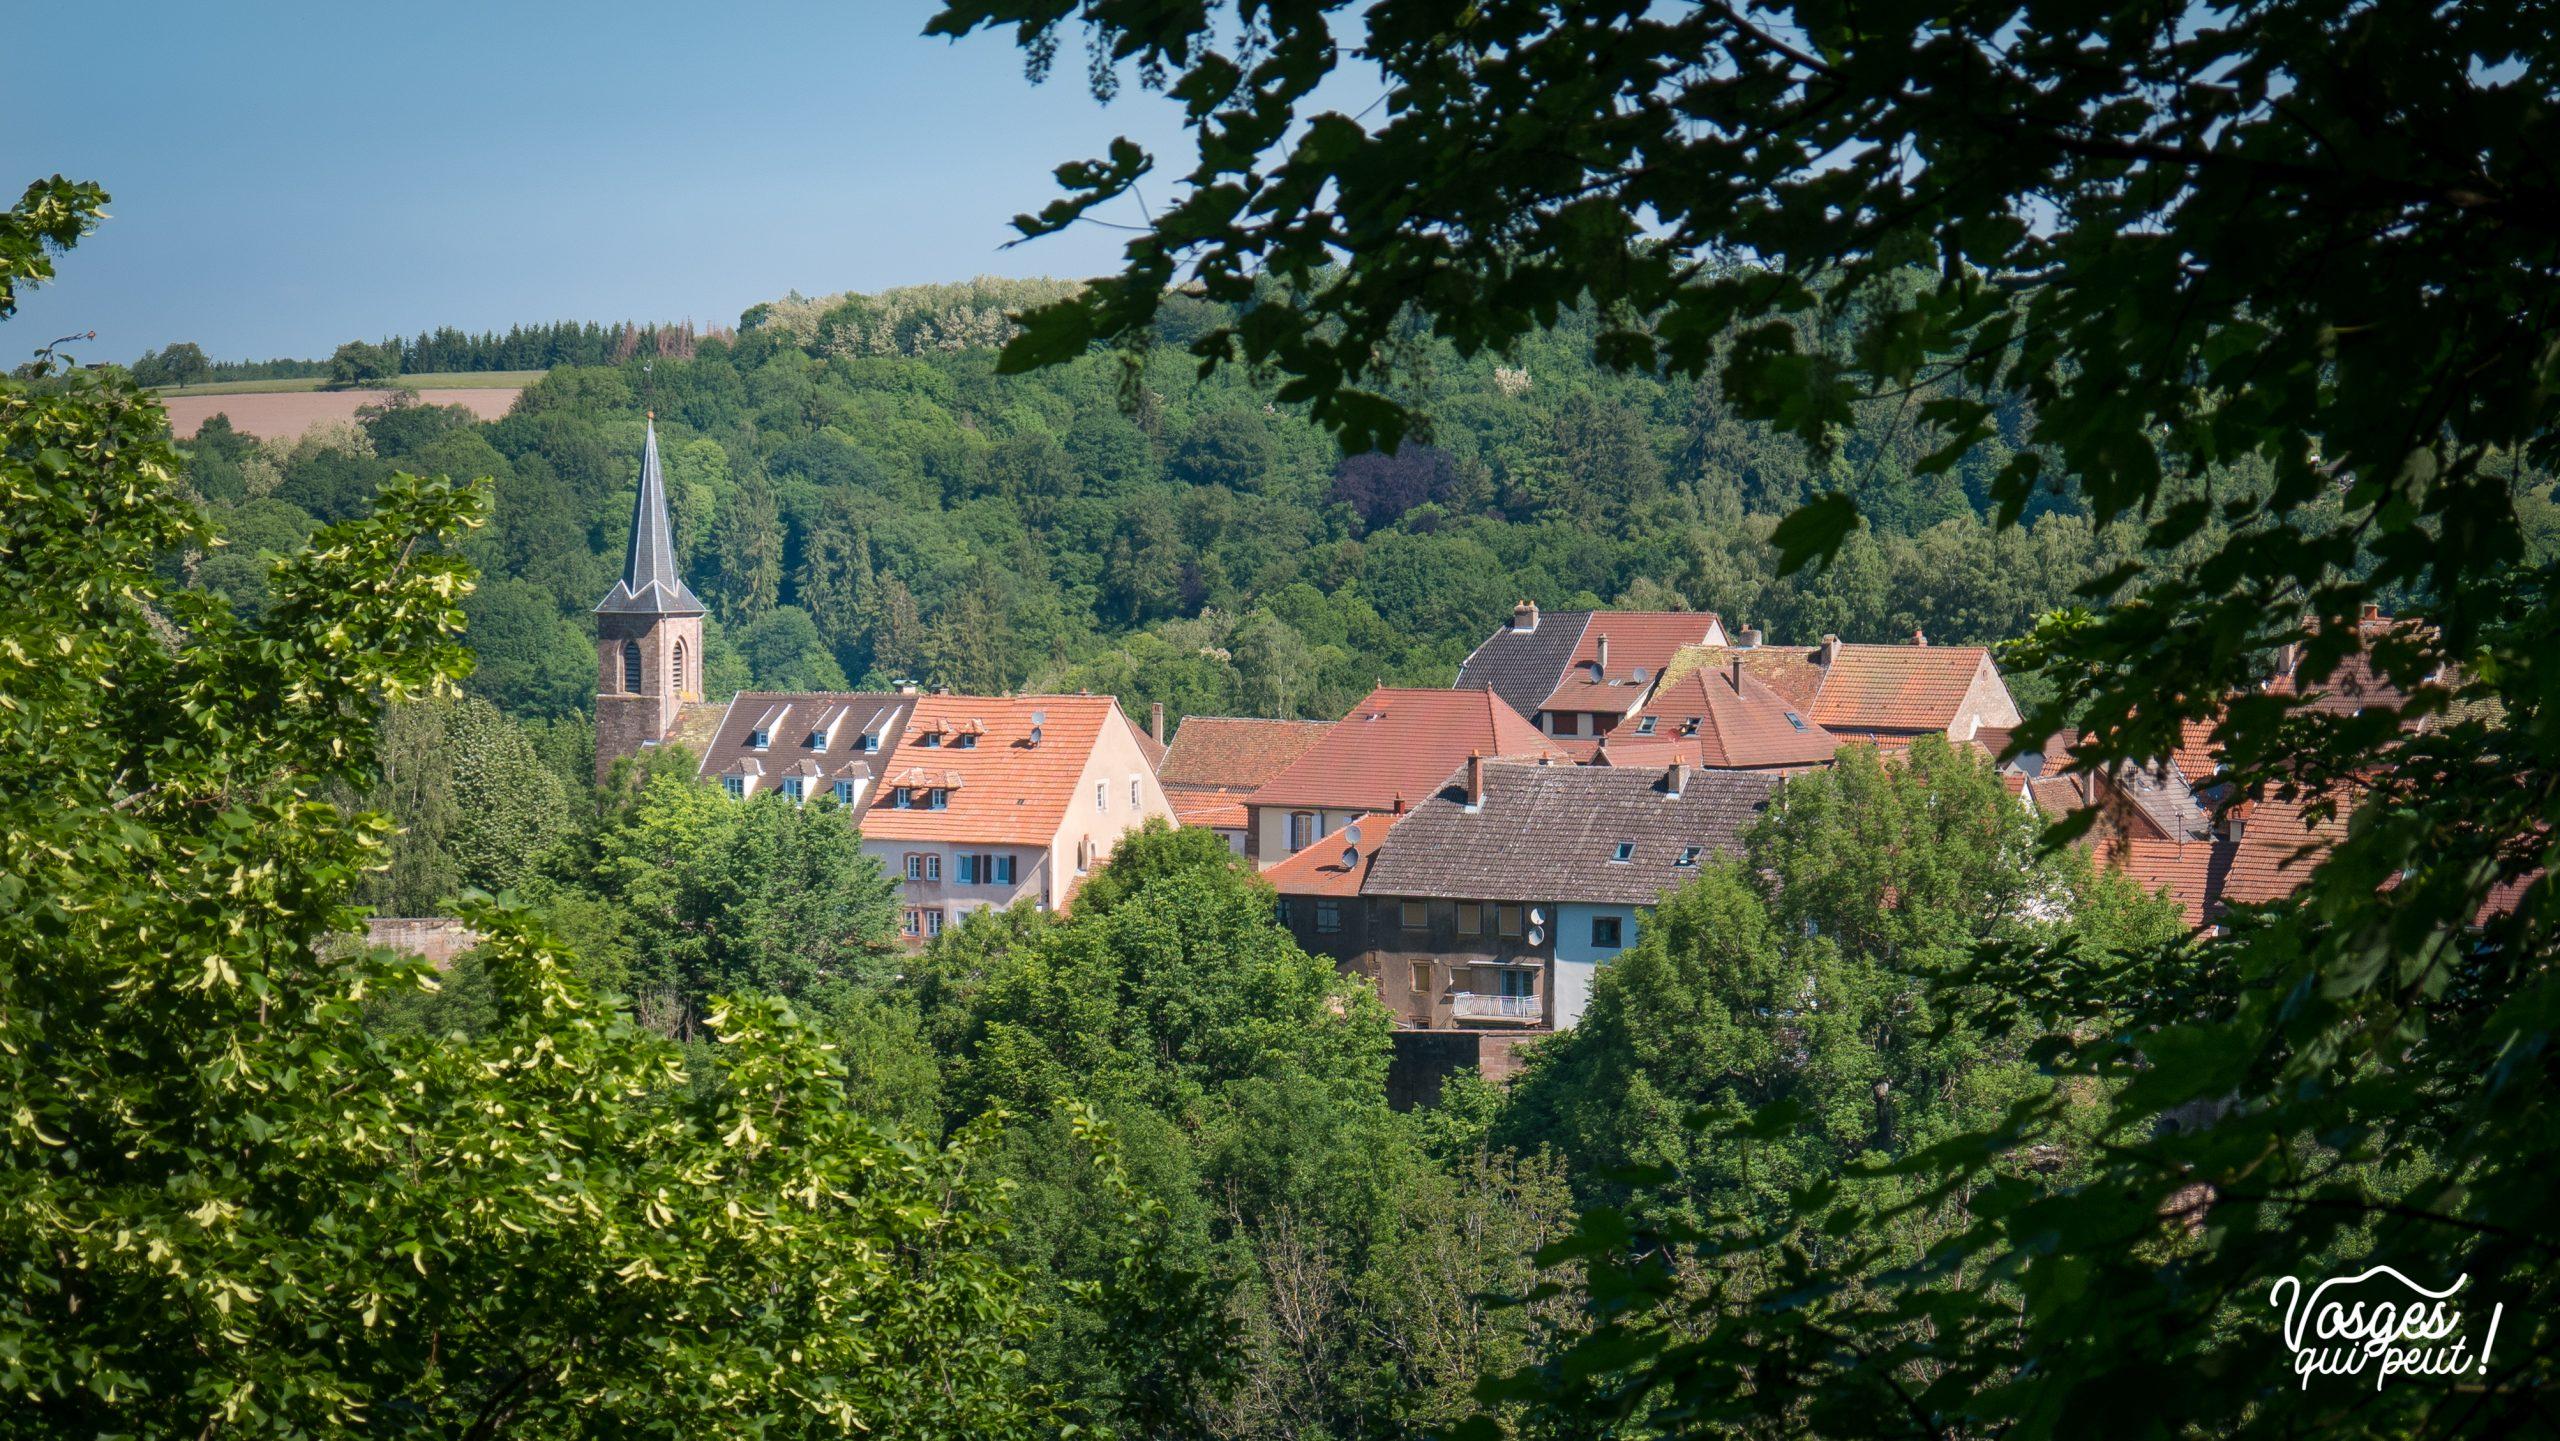 La ville fortifiée de La Petite Pierre dans les Vosges du Nord